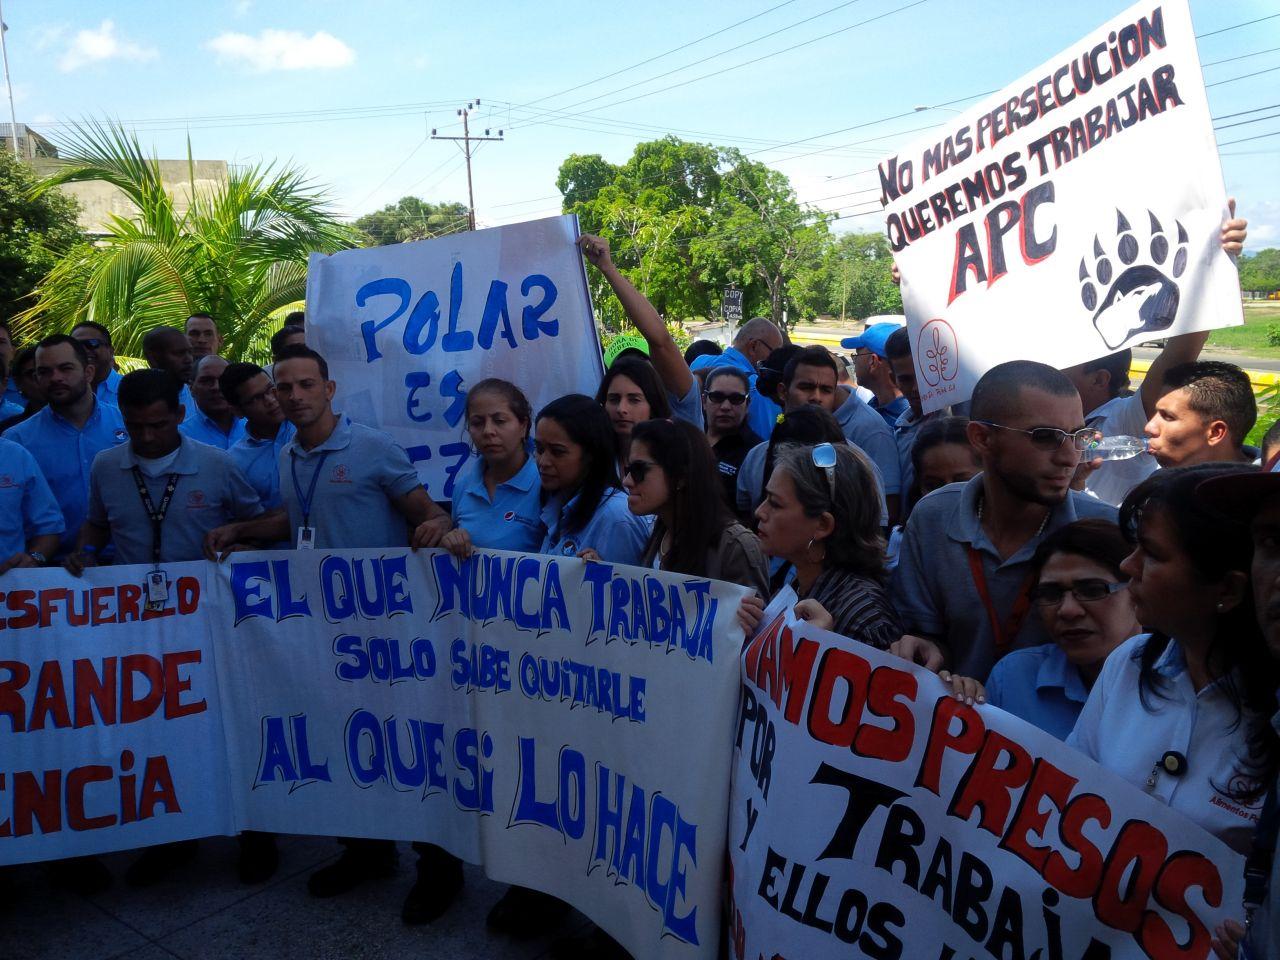 Trabajadores de Polar denunciaron agresiones durante inspecciones